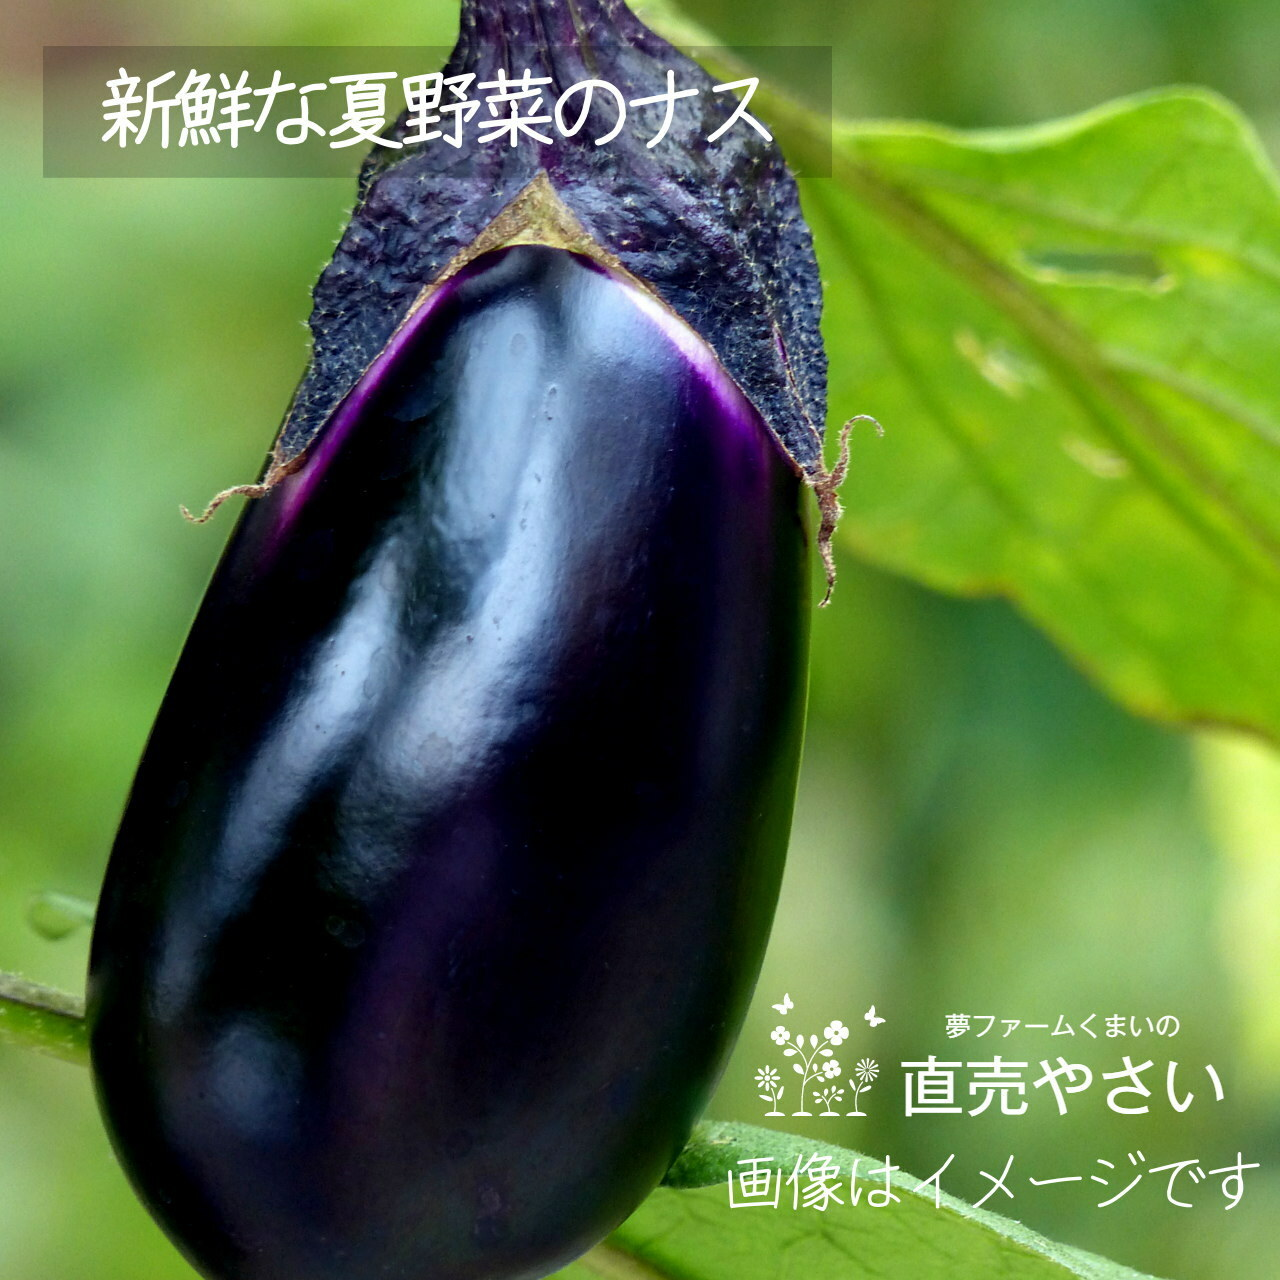 朝採り直売野菜 : ナス 約350g 8月の新鮮な夏野菜 8月8日発送予定